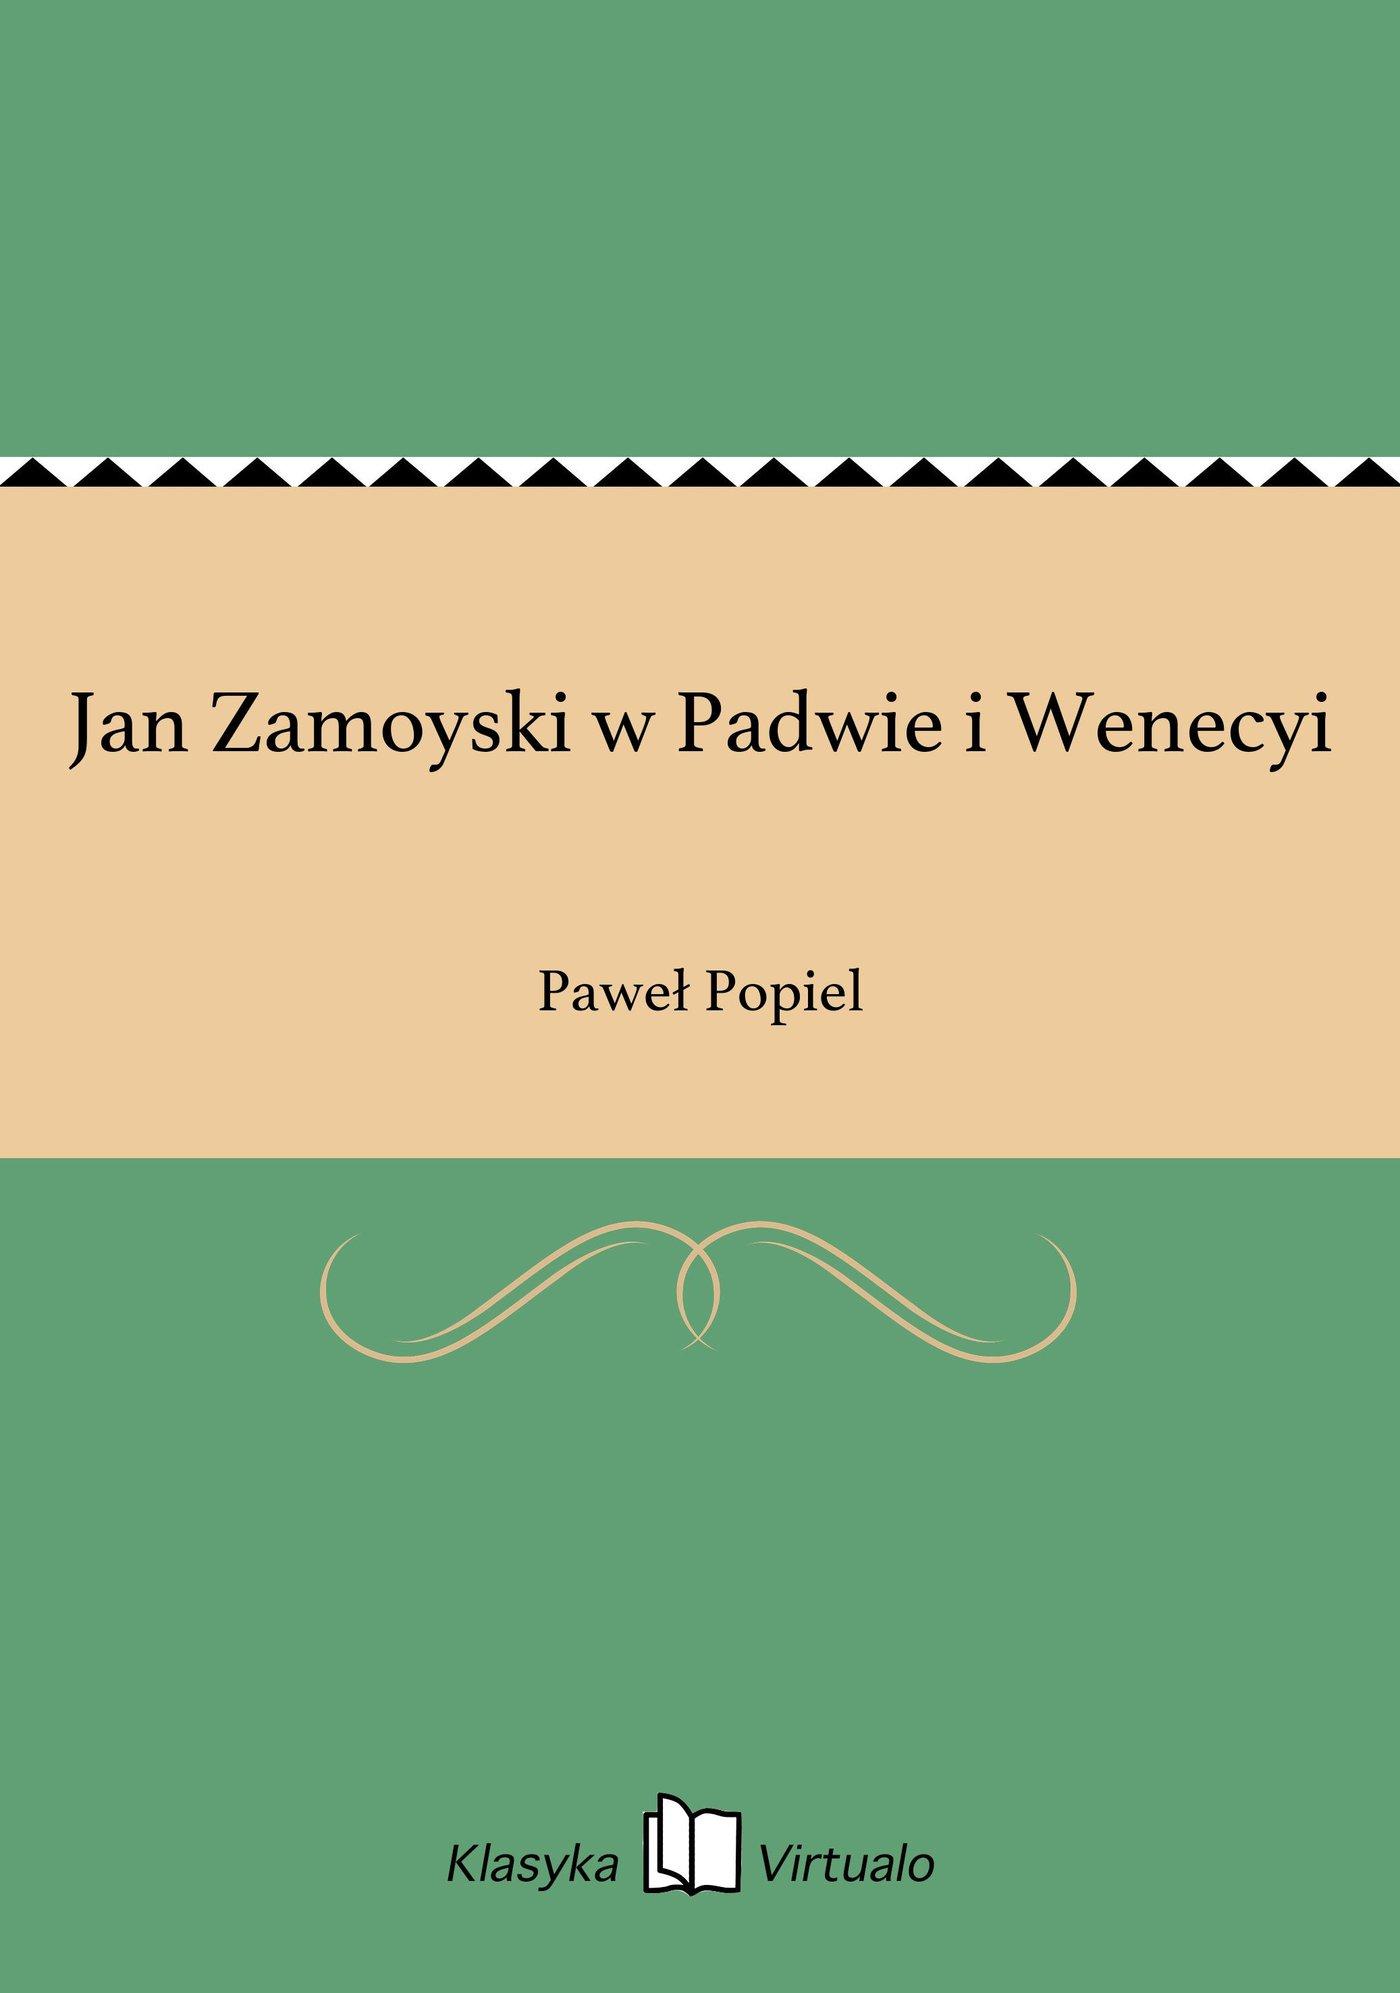 Jan Zamoyski w Padwie i Wenecyi - Ebook (Książka EPUB) do pobrania w formacie EPUB